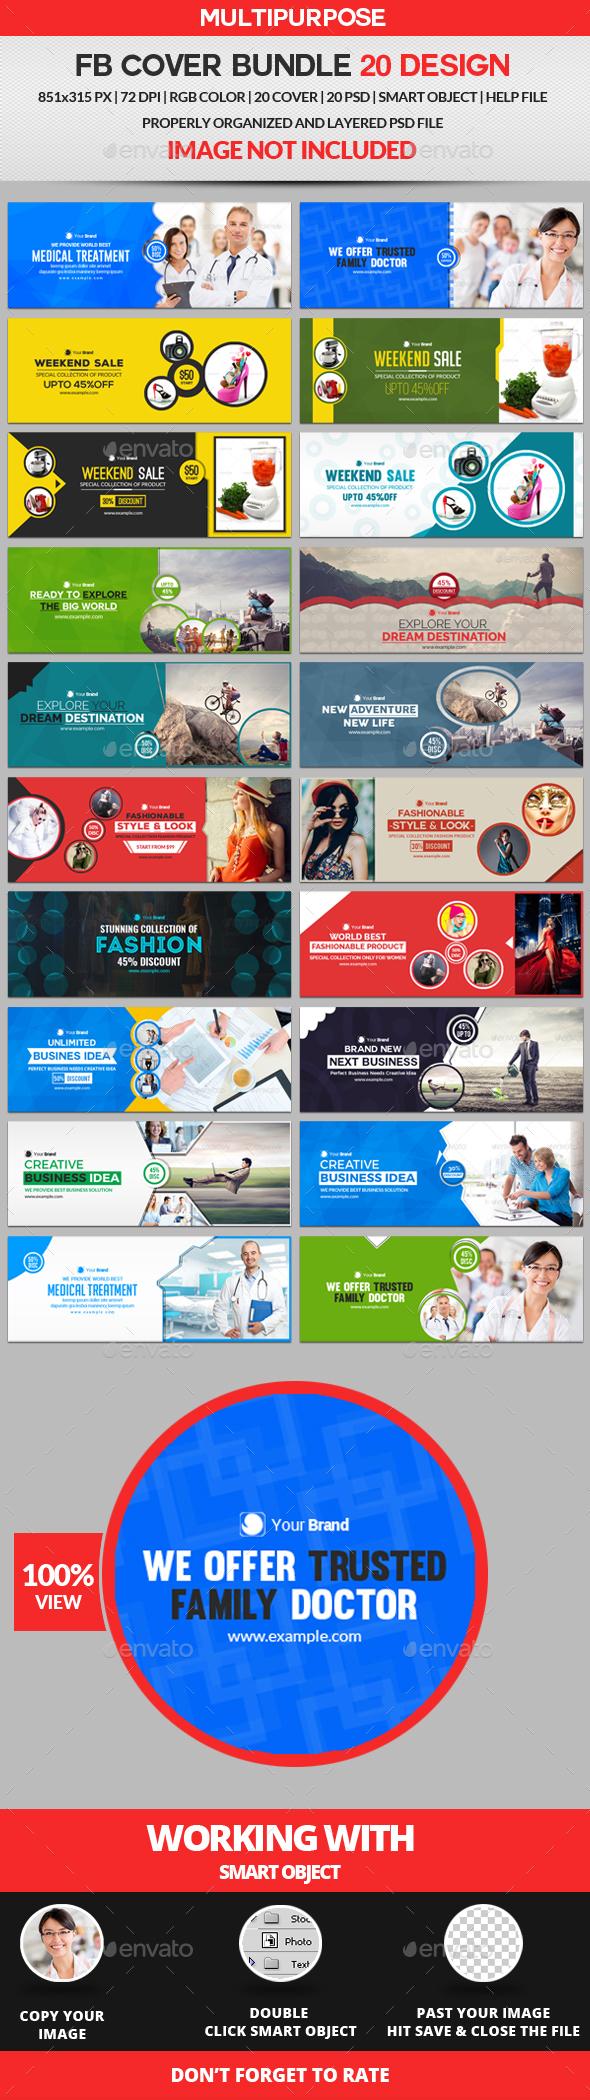 Facebook Cover Bundle Four - 20 Design - Facebook Timeline Covers Social Media